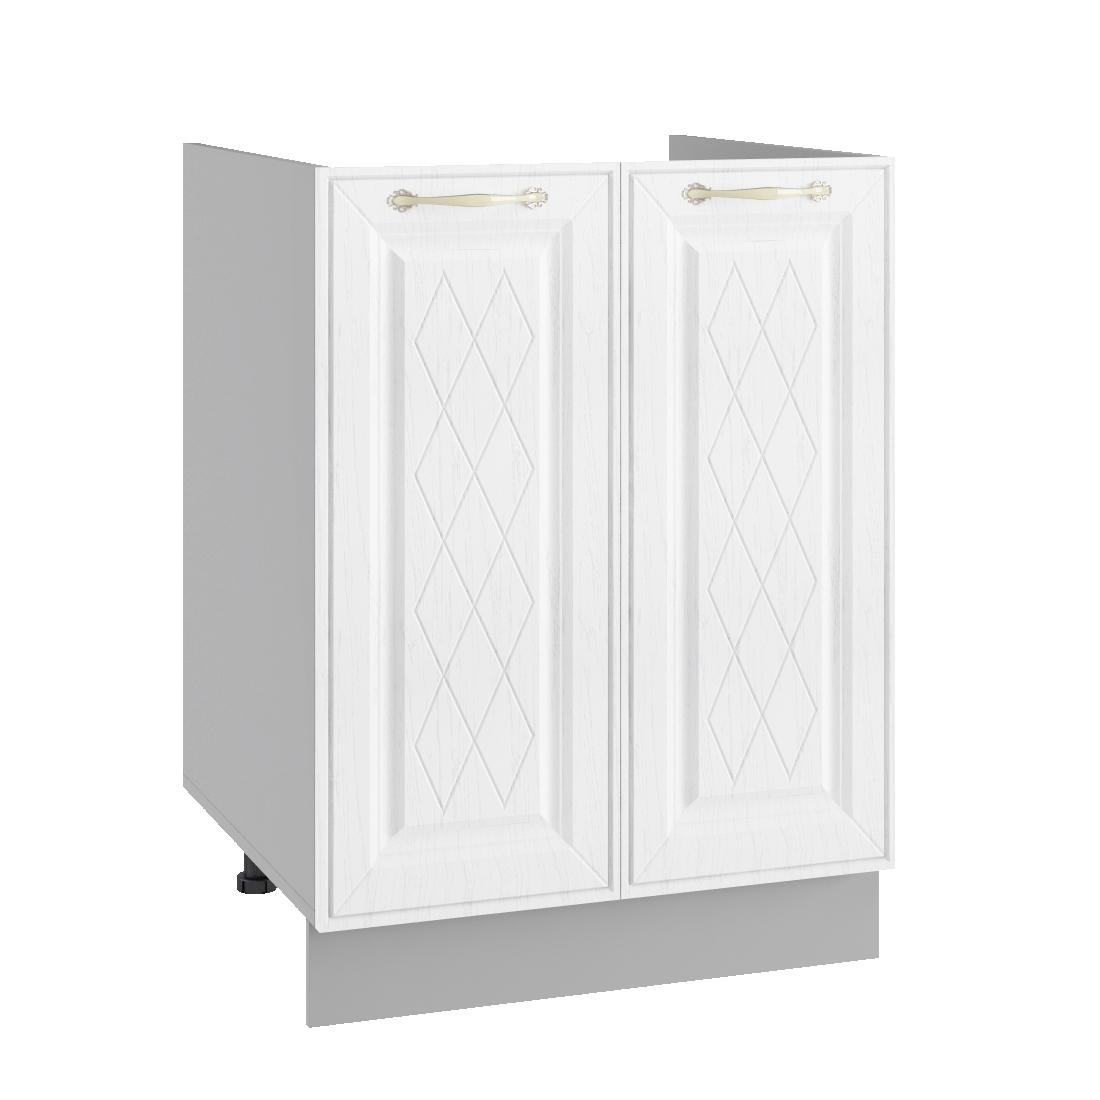 Кухня Вита СМ 600 Шкаф нижний под мойку